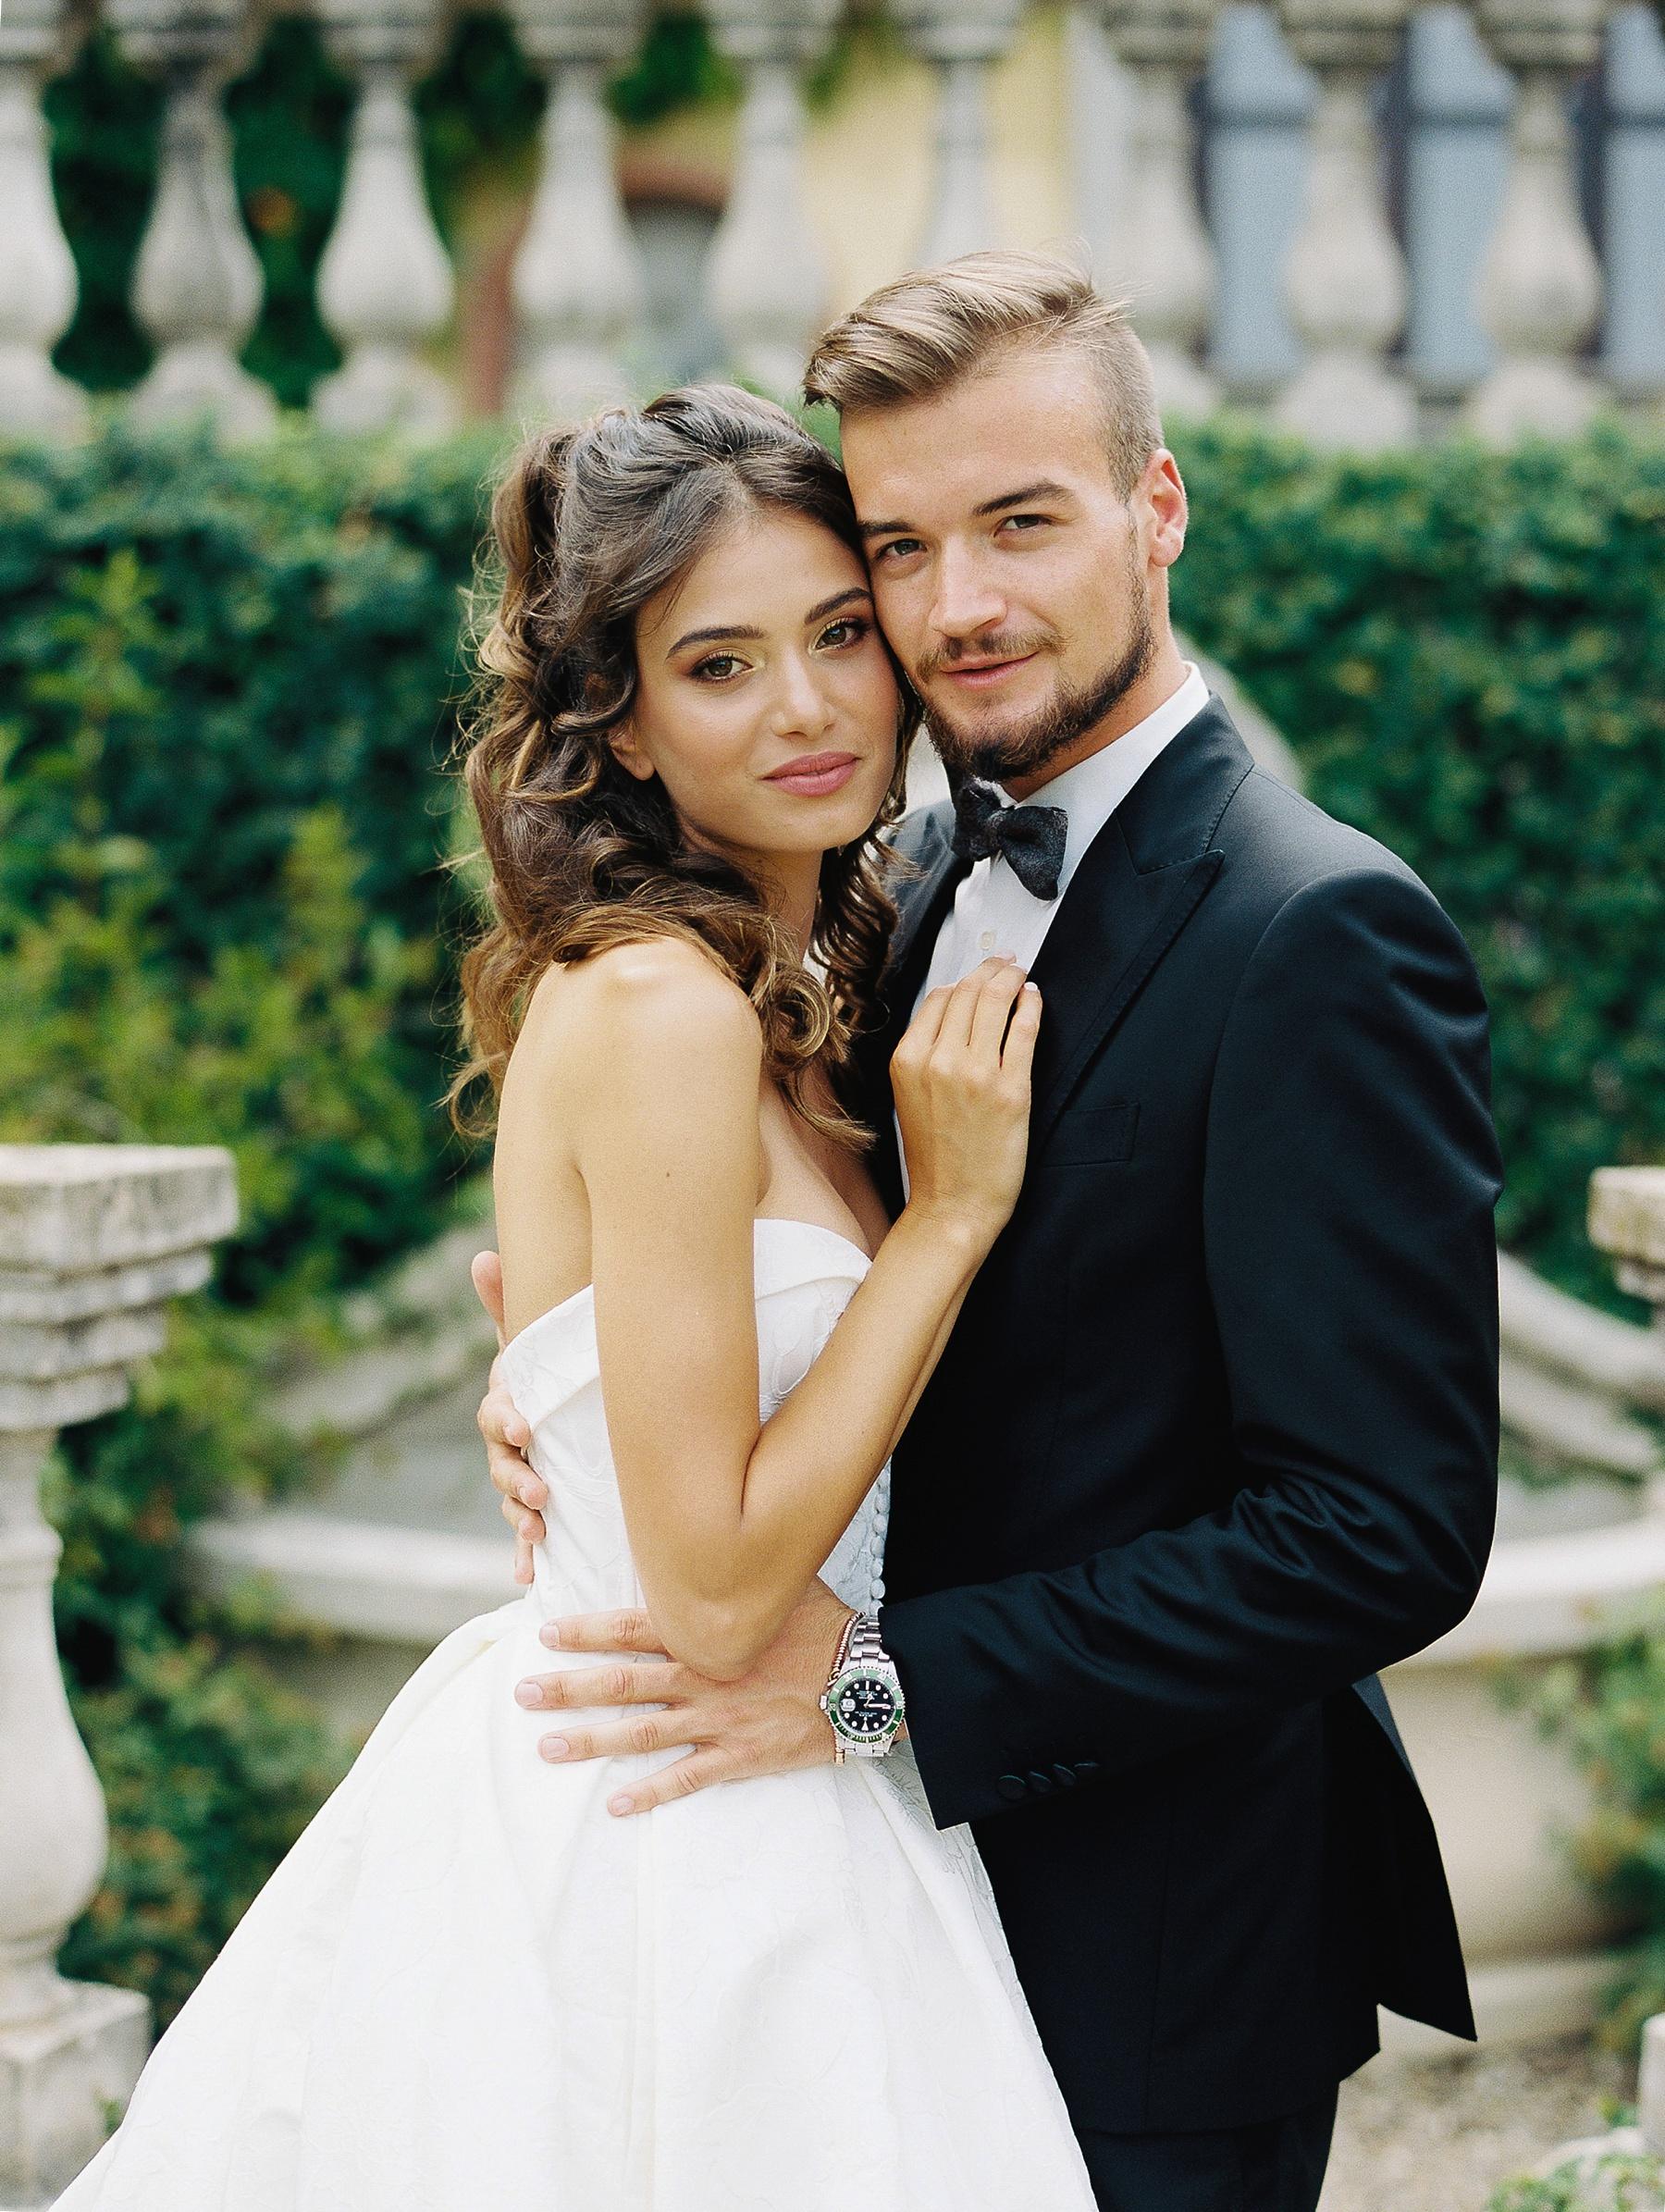 Il Borro Tuscany Italy Wedding Photographer_0850.jpg